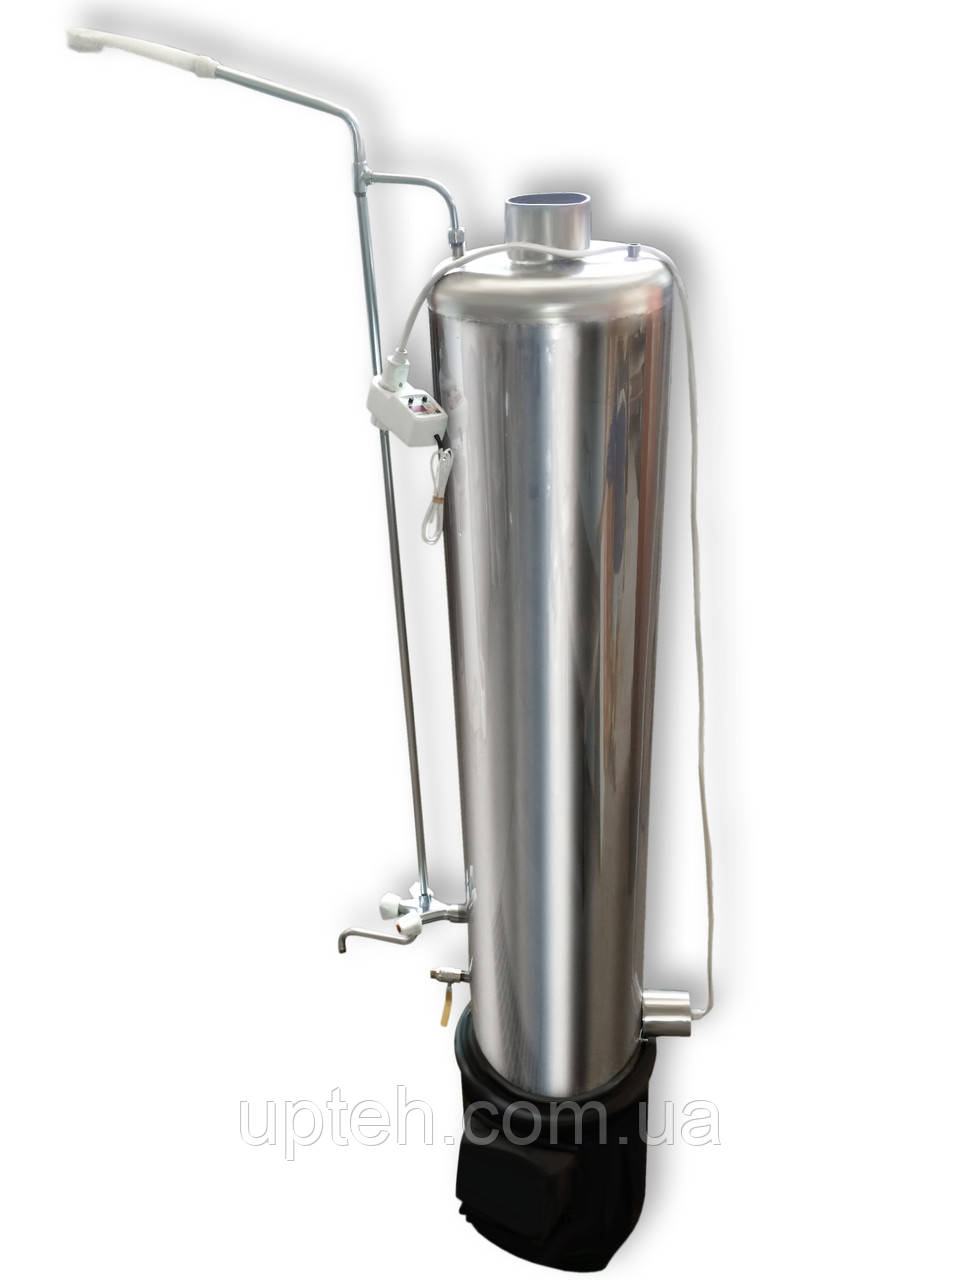 Титан Водогрейный Электро (Универсальный) + Топка + Набор кранов, Водогрейная колонка